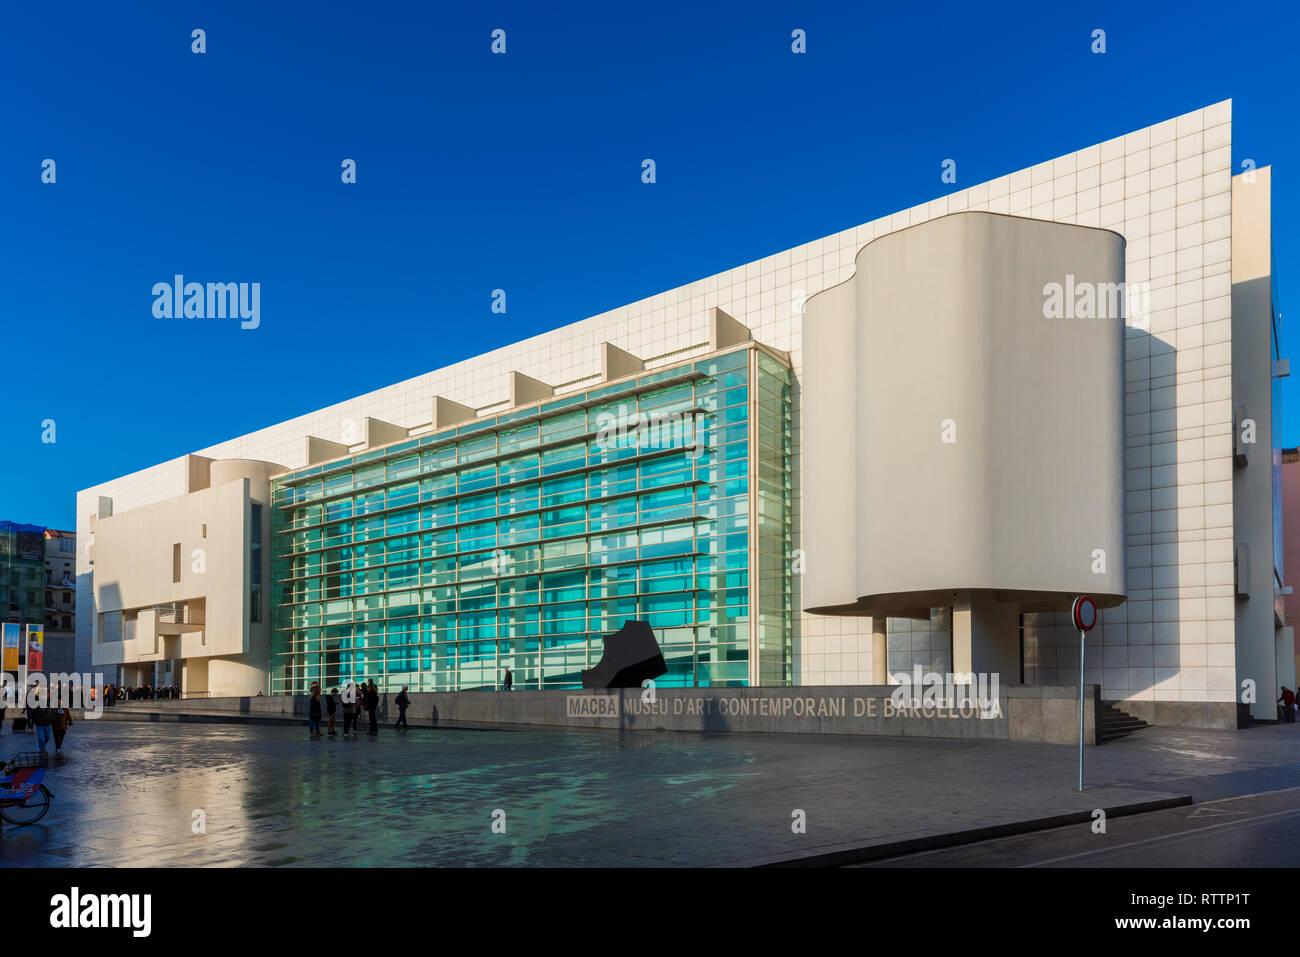 Museum für zeitgenössische Kunst (MACBA) in Barcelona, Spanien. Das Museum wurde 1995 eröffnet und konzentriert sich hauptsächlich auf nach 1945 die Katalanische und Spanische Kunst. Stockbild